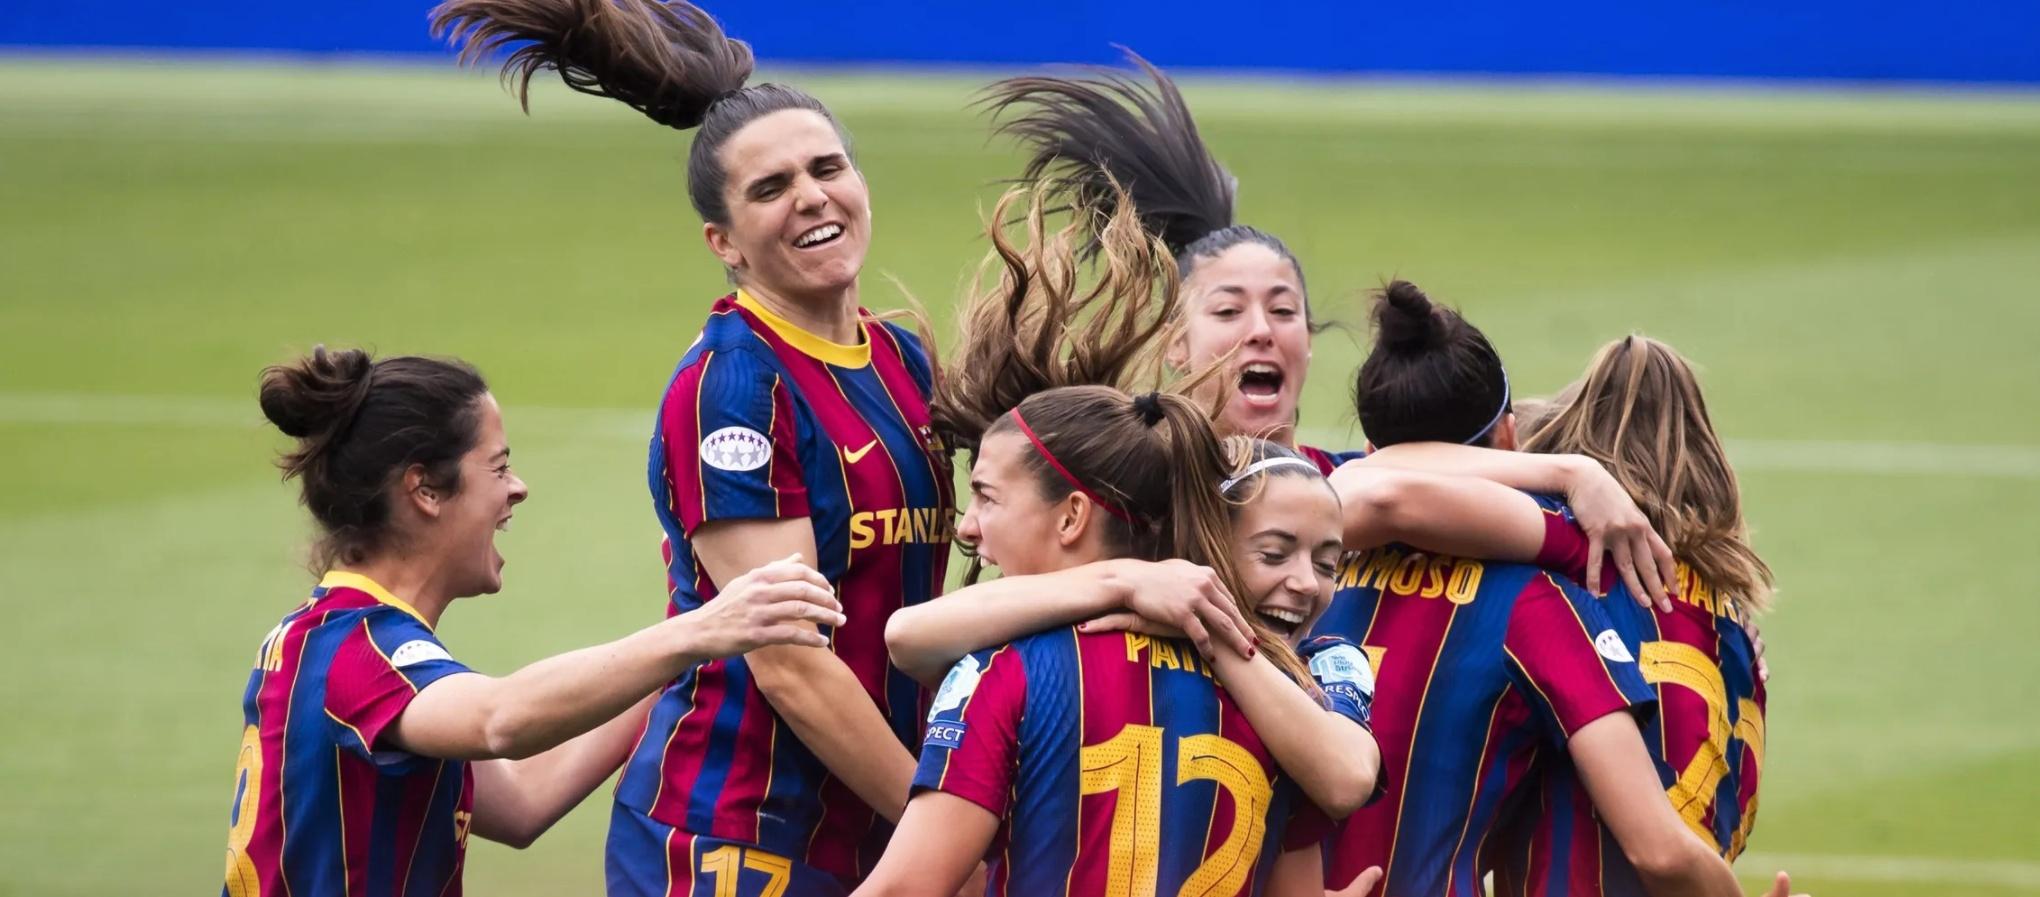 El Barça femení jugarà la seva segona final de Champions